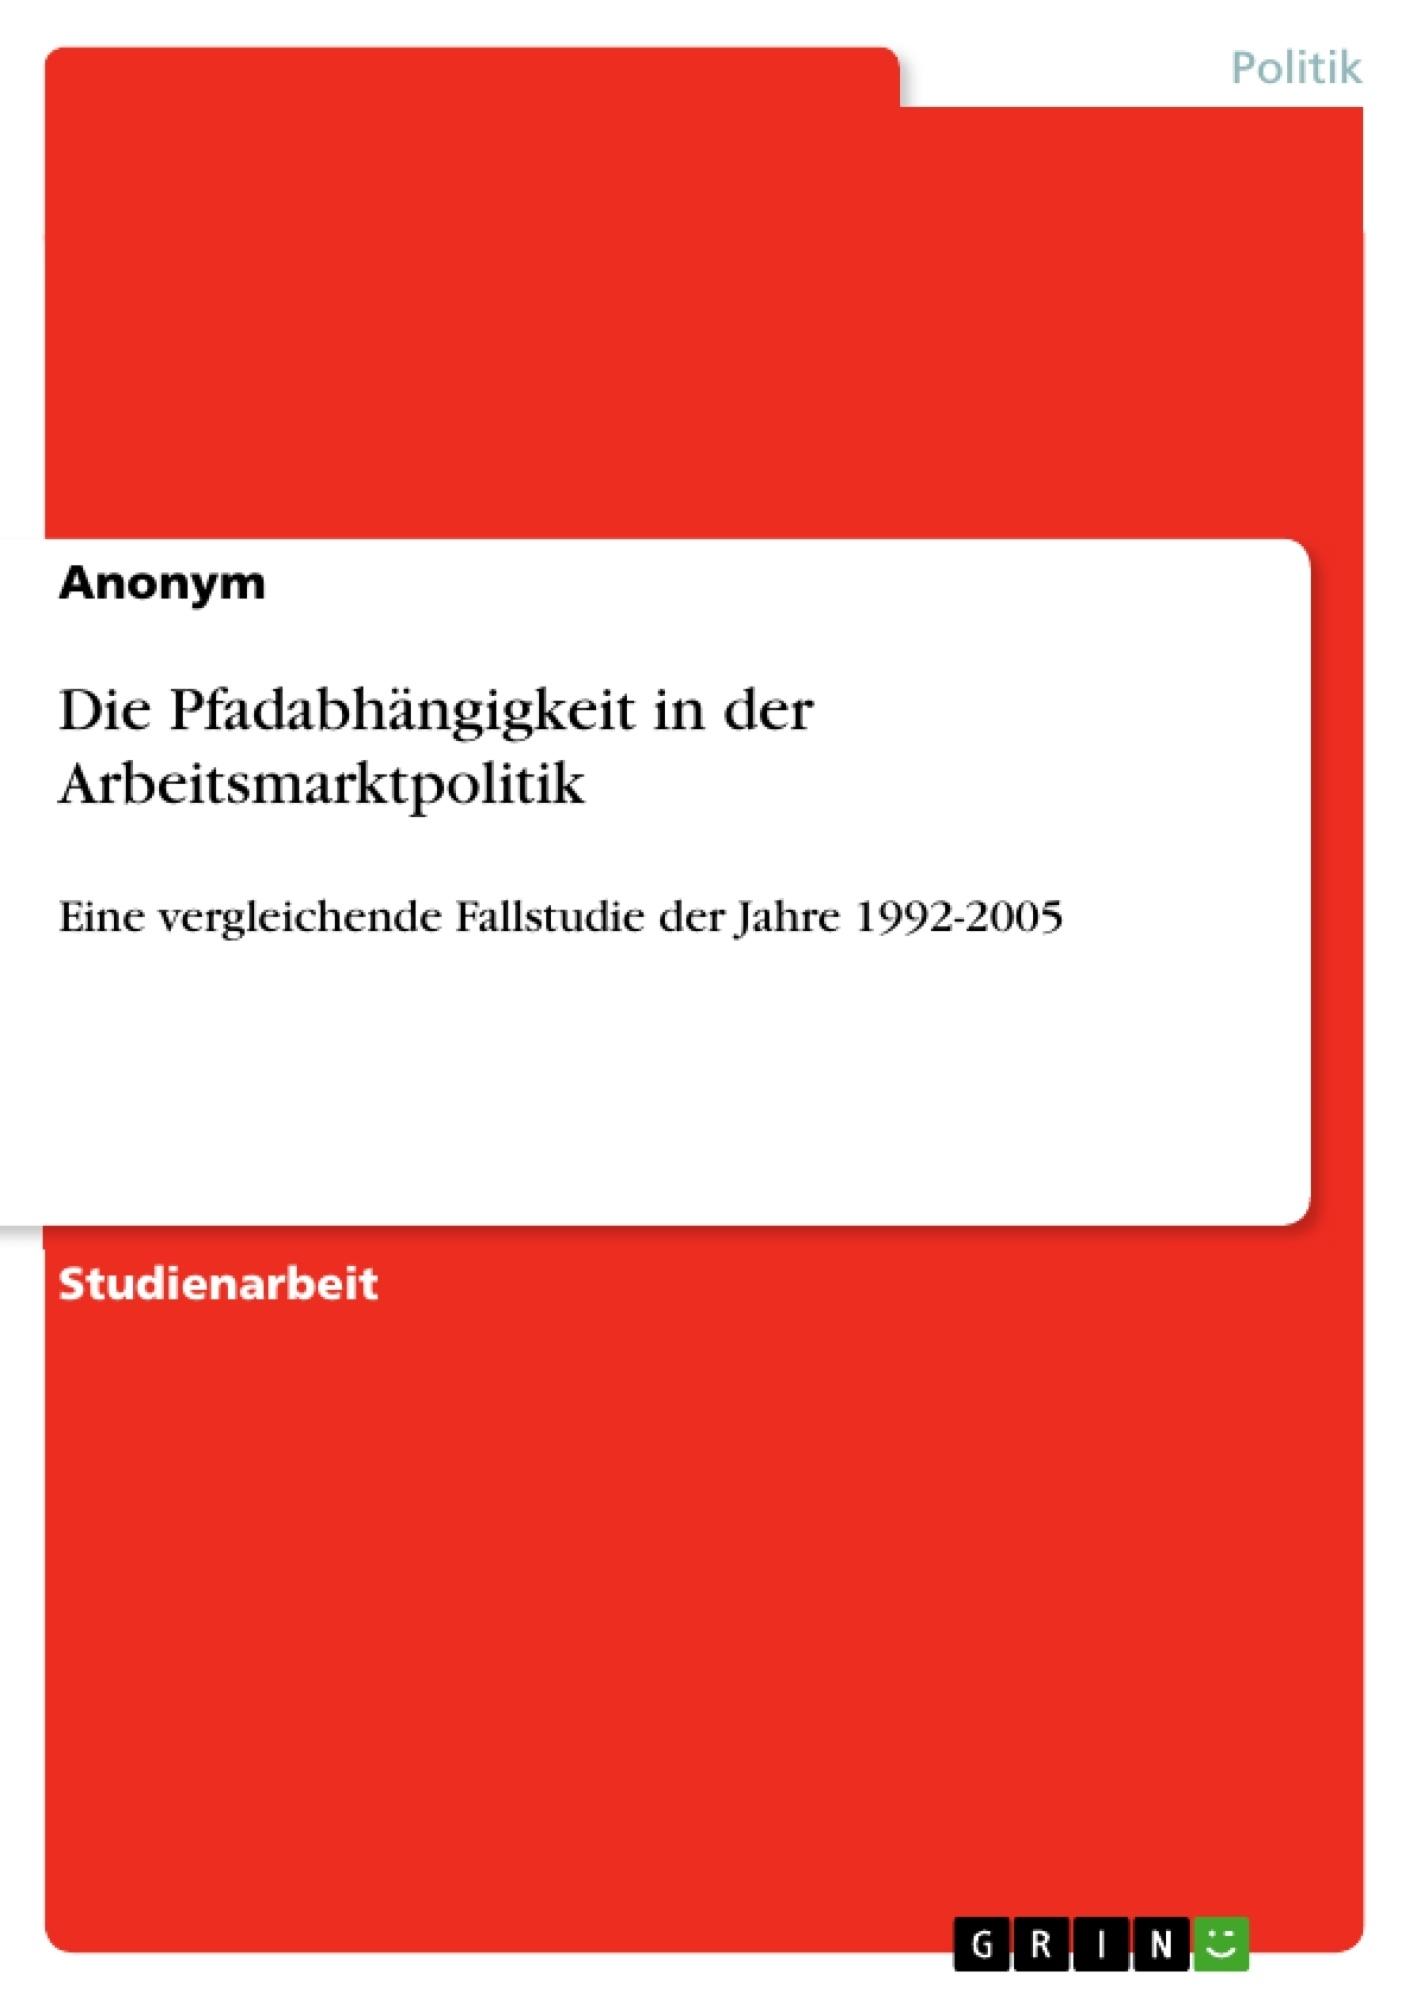 Titel: Die Pfadabhängigkeit in der Arbeitsmarktpolitik